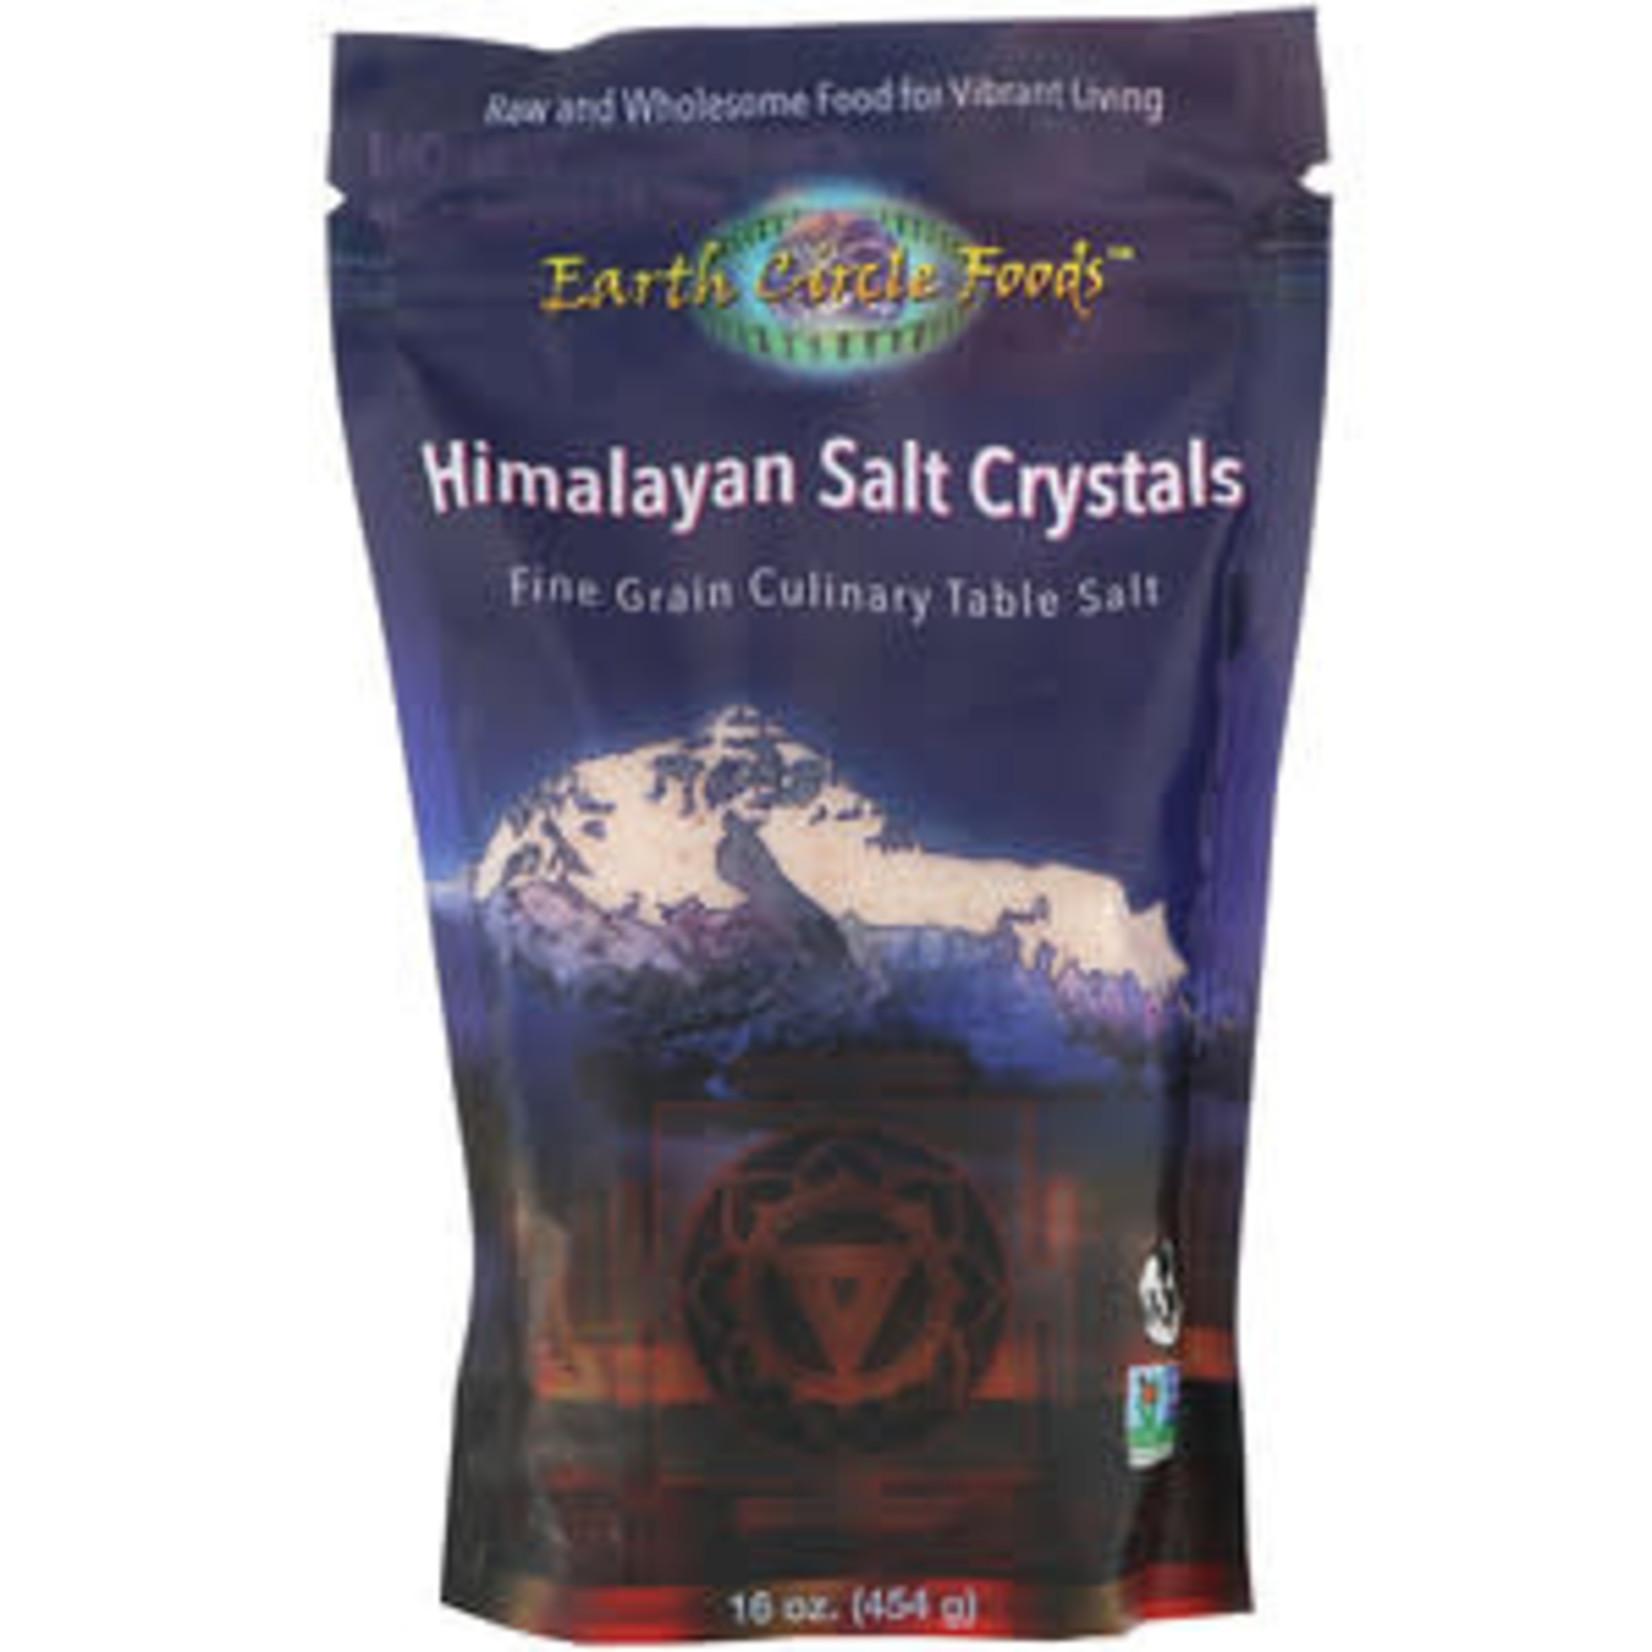 Himalayan Salt Crystals